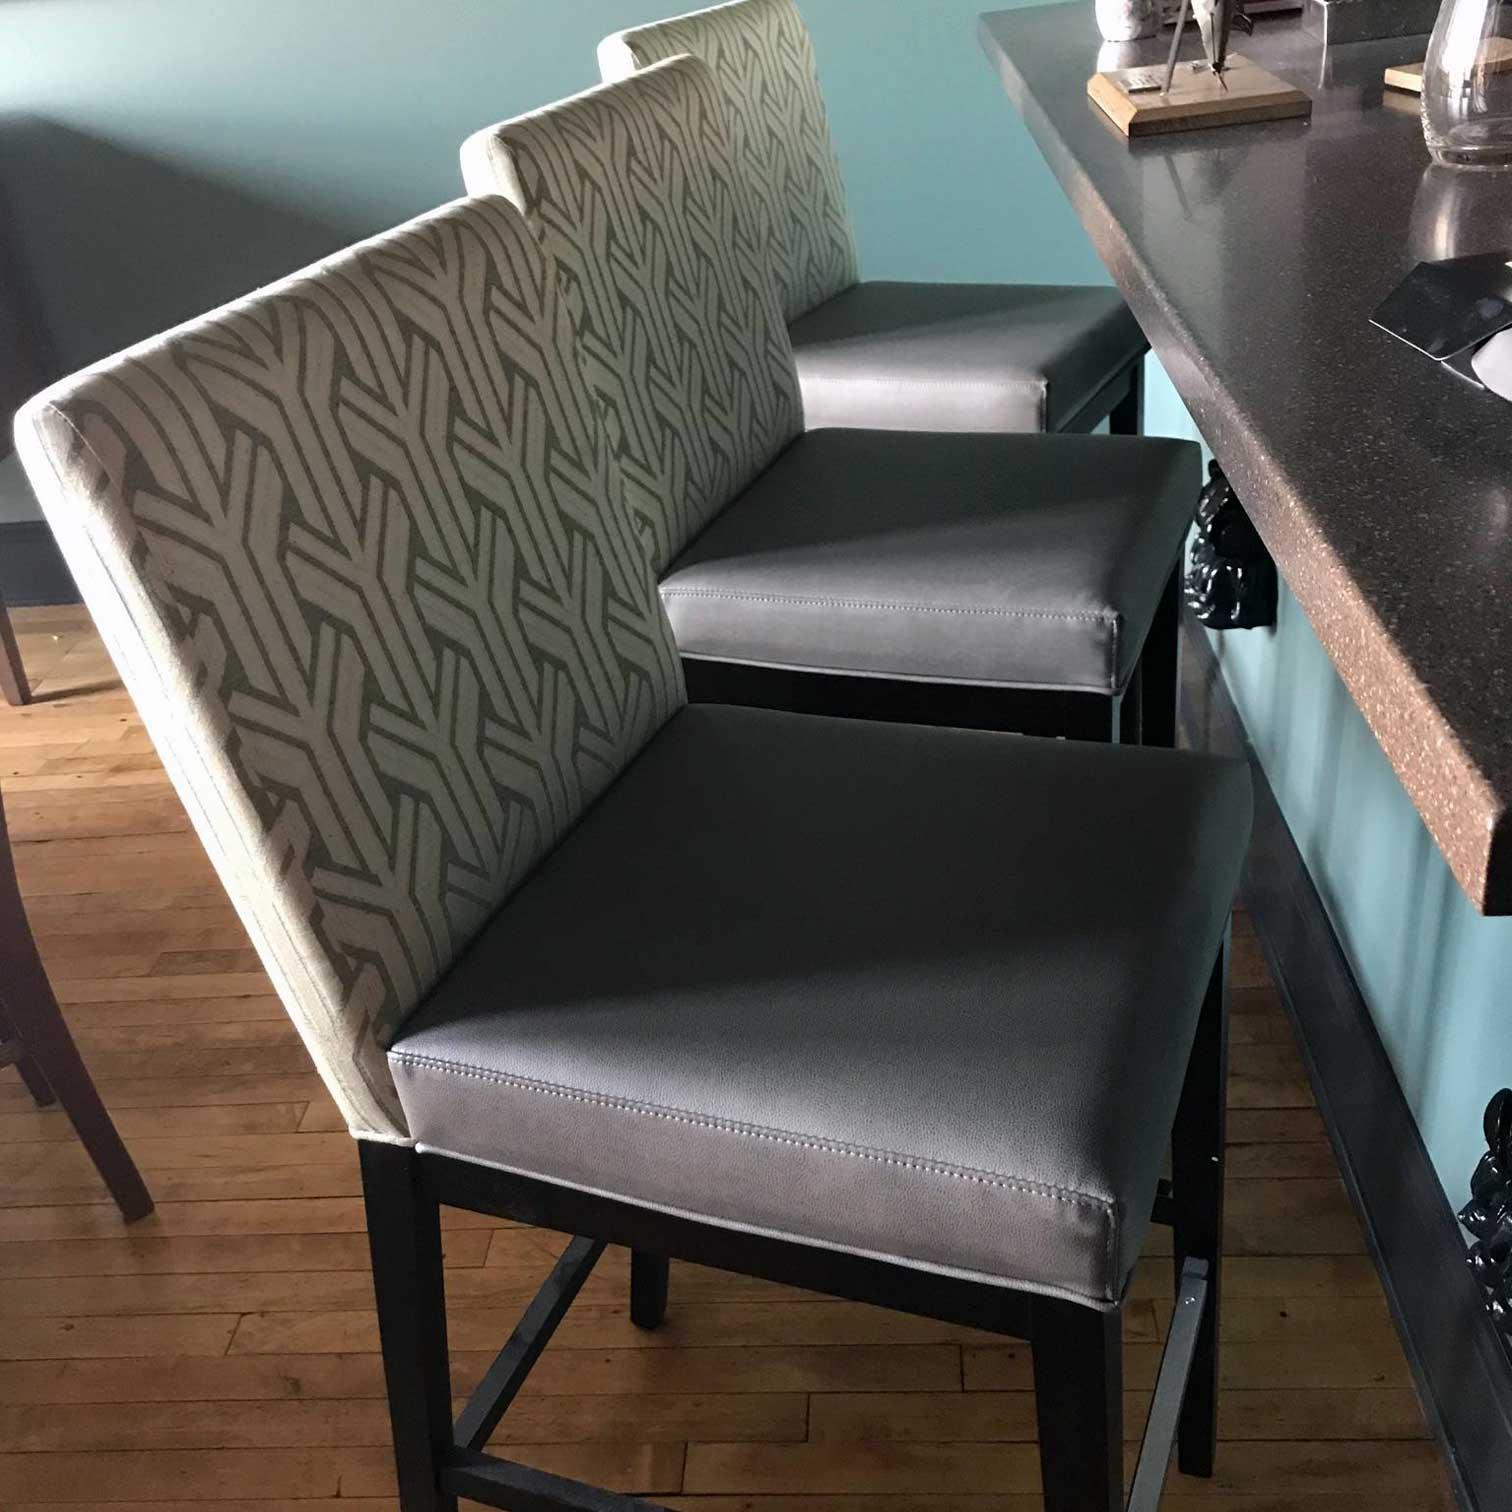 JZID-Custom-Barstools.jpg